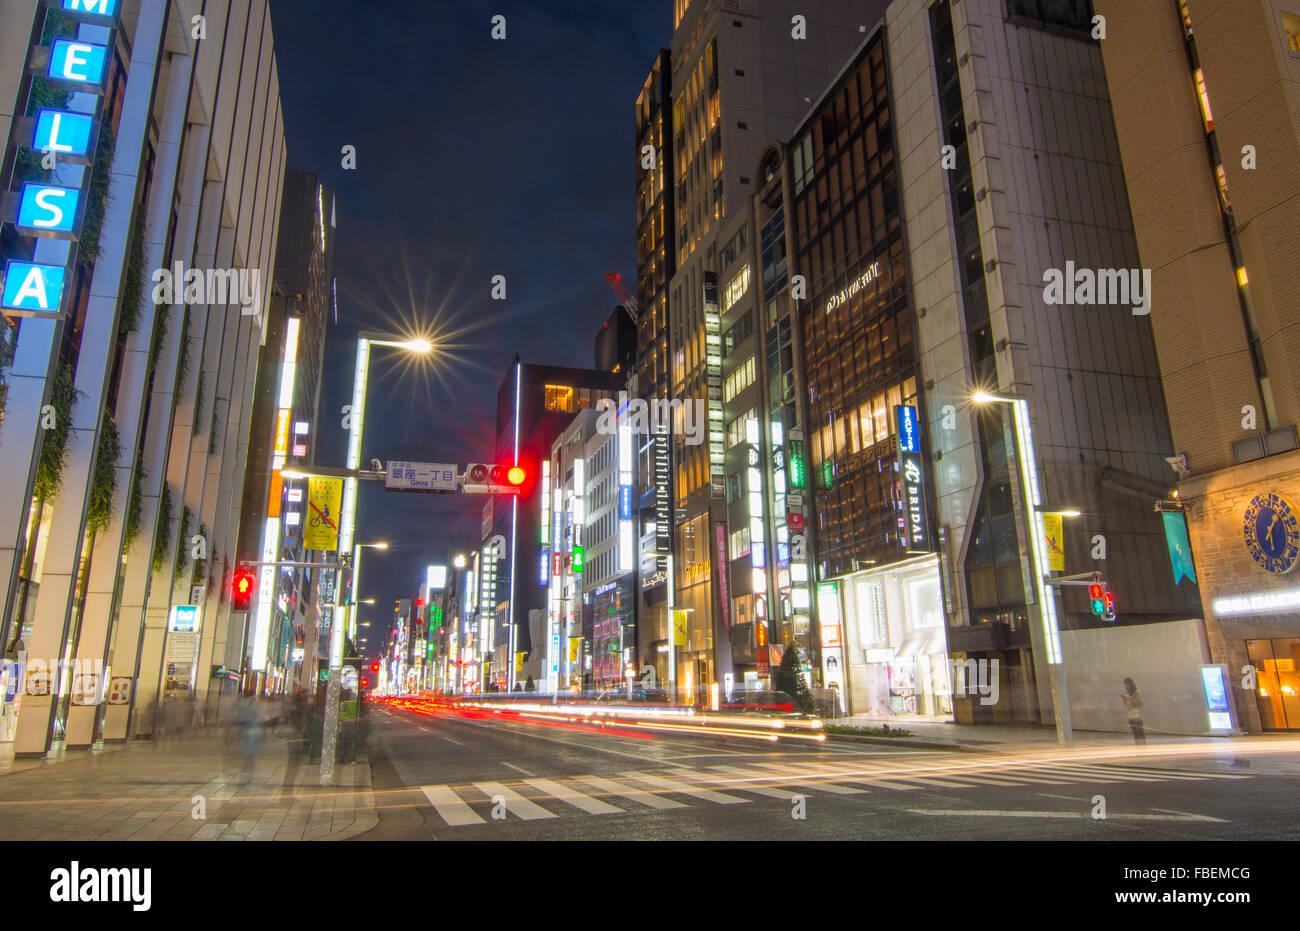 Japon Tokyo Ginza foules locales trafic twilight brouille de mouvement sur street downtown avec rush d'habitants Photo Stock